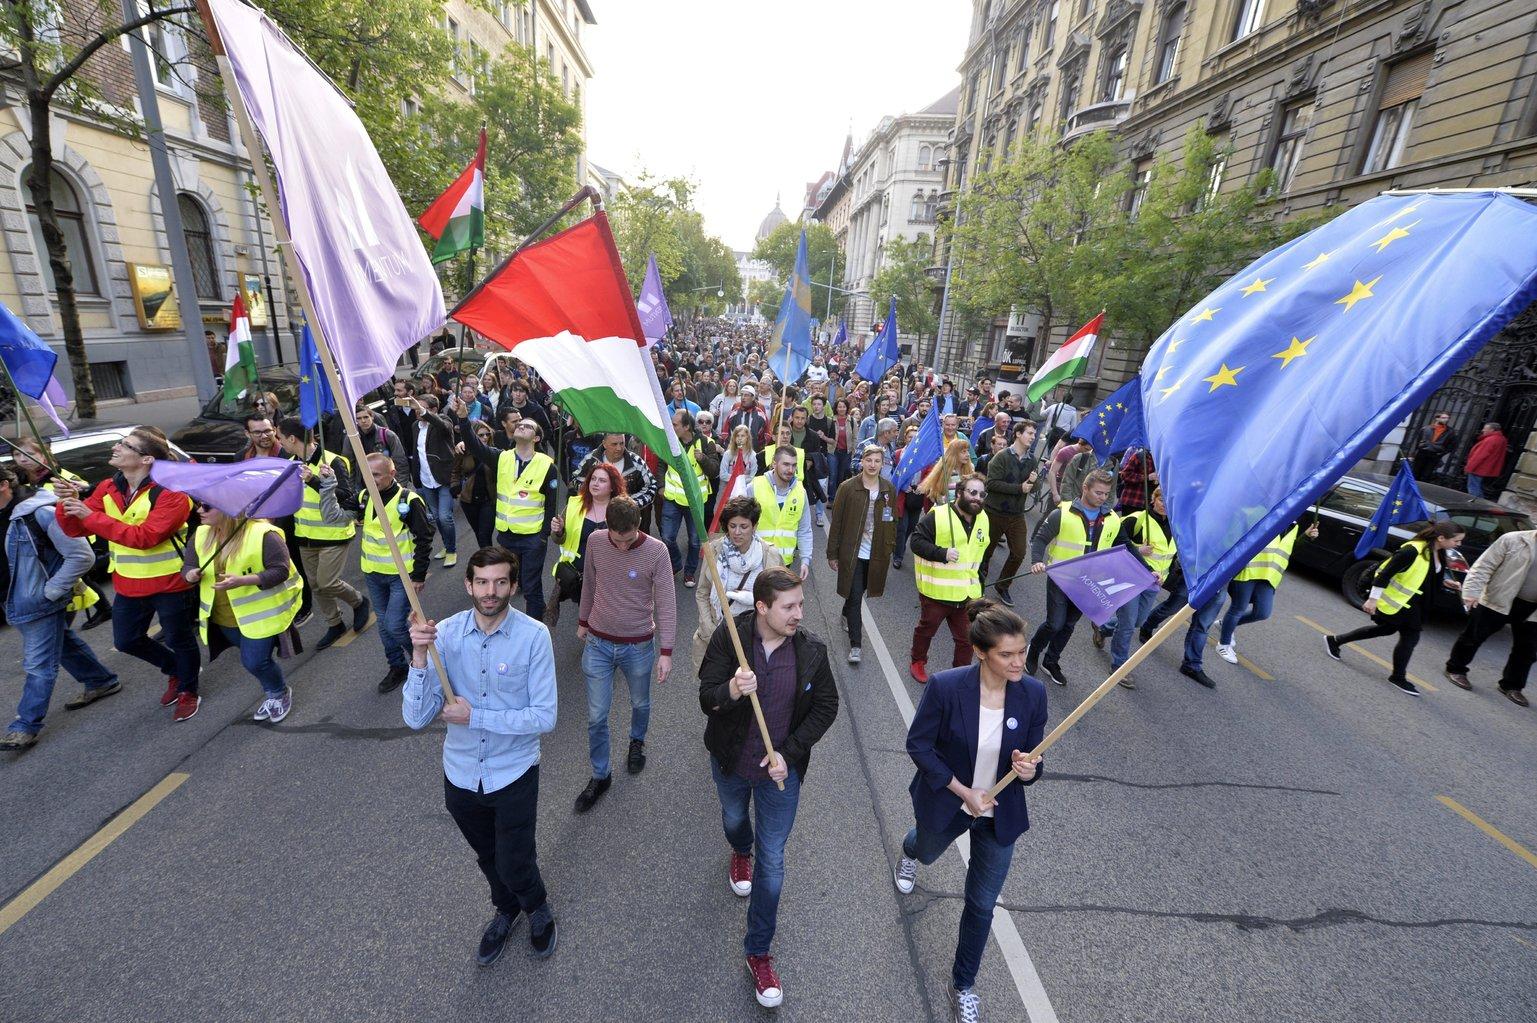 Fekete-Győr András, a Momentum Mozgalom elnöke (elöl, b) és résztvevők zászlókkal vonulnak a Momentum Mozgalom Európához tartozunk! jelmondattal meghirdetett demonstrációján, a Szabadság térről a Hősök terére 2017. május 1-jén. MTI Fotó: Balogh Zoltán